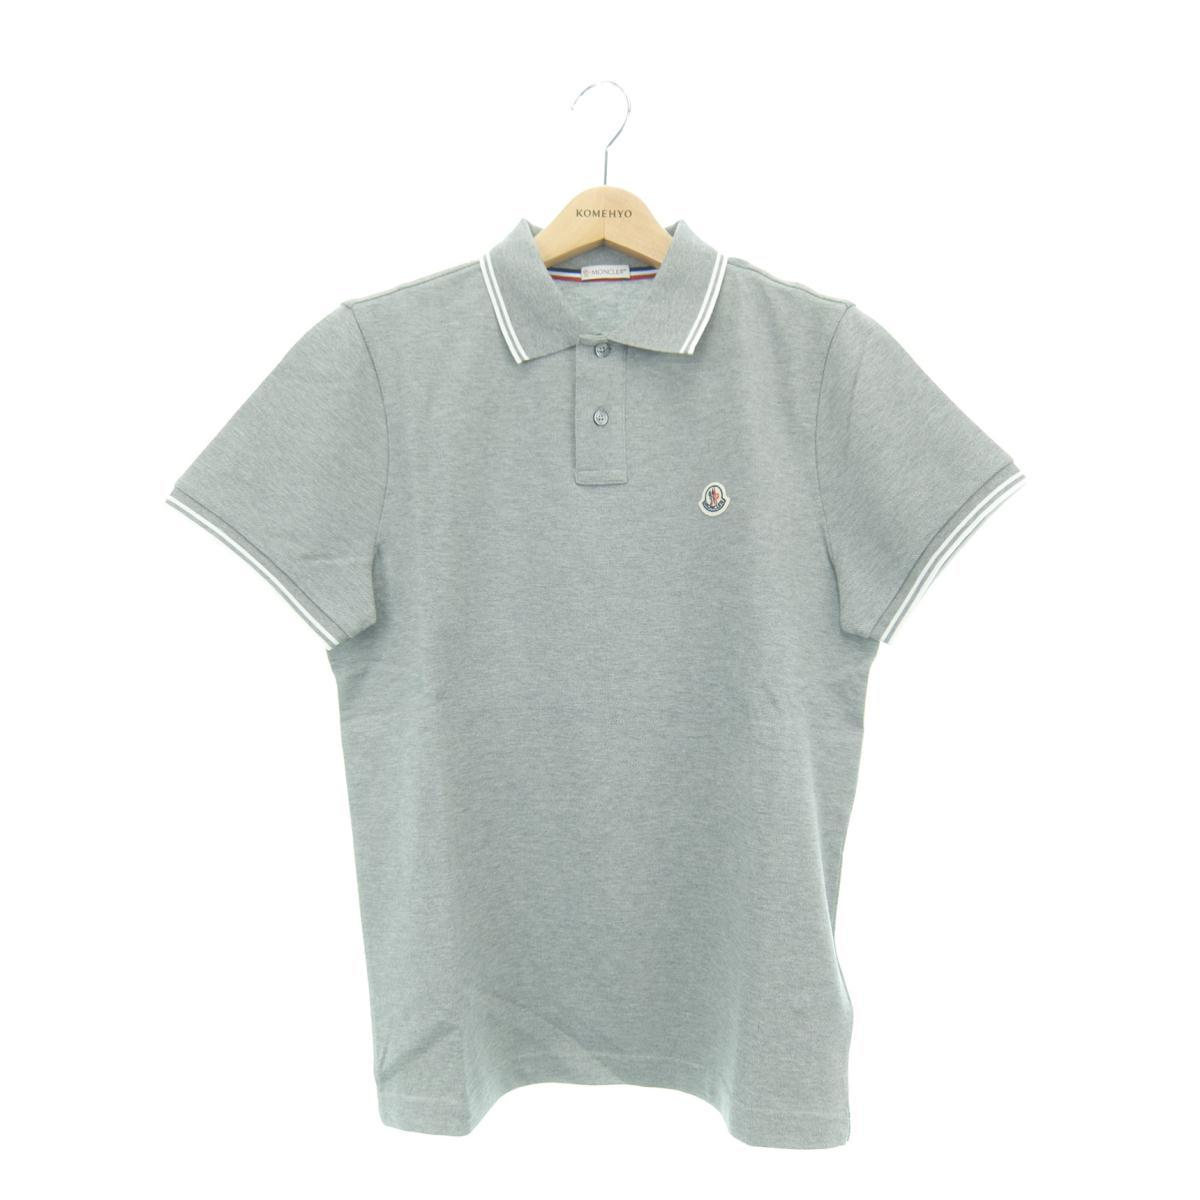 【新品】モンクレール MONCLER ポロシャツ【新品】